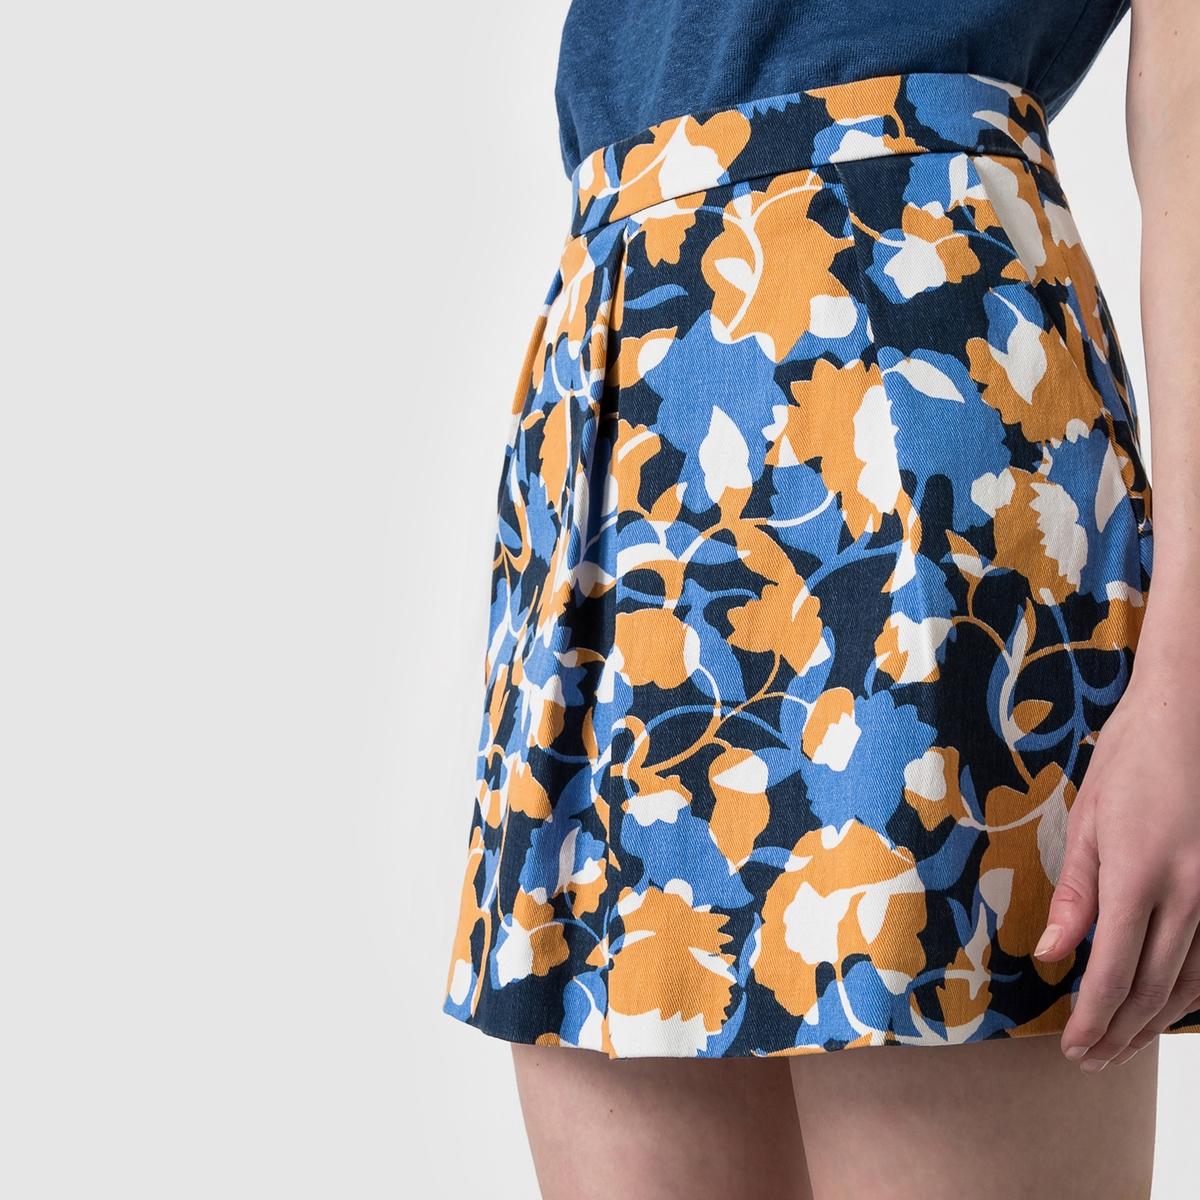 Юбка короткая с рисункомКороткая юбка 98% хлопка, 2% эластана. Застежка на молнию сзади. 2 кармана по бокам. Складки внутрь спереди . Длина 45 см. Очаровательный рисунок, который придаст ярких красок вашей летней одежде .<br><br>Цвет: набивной рисунок